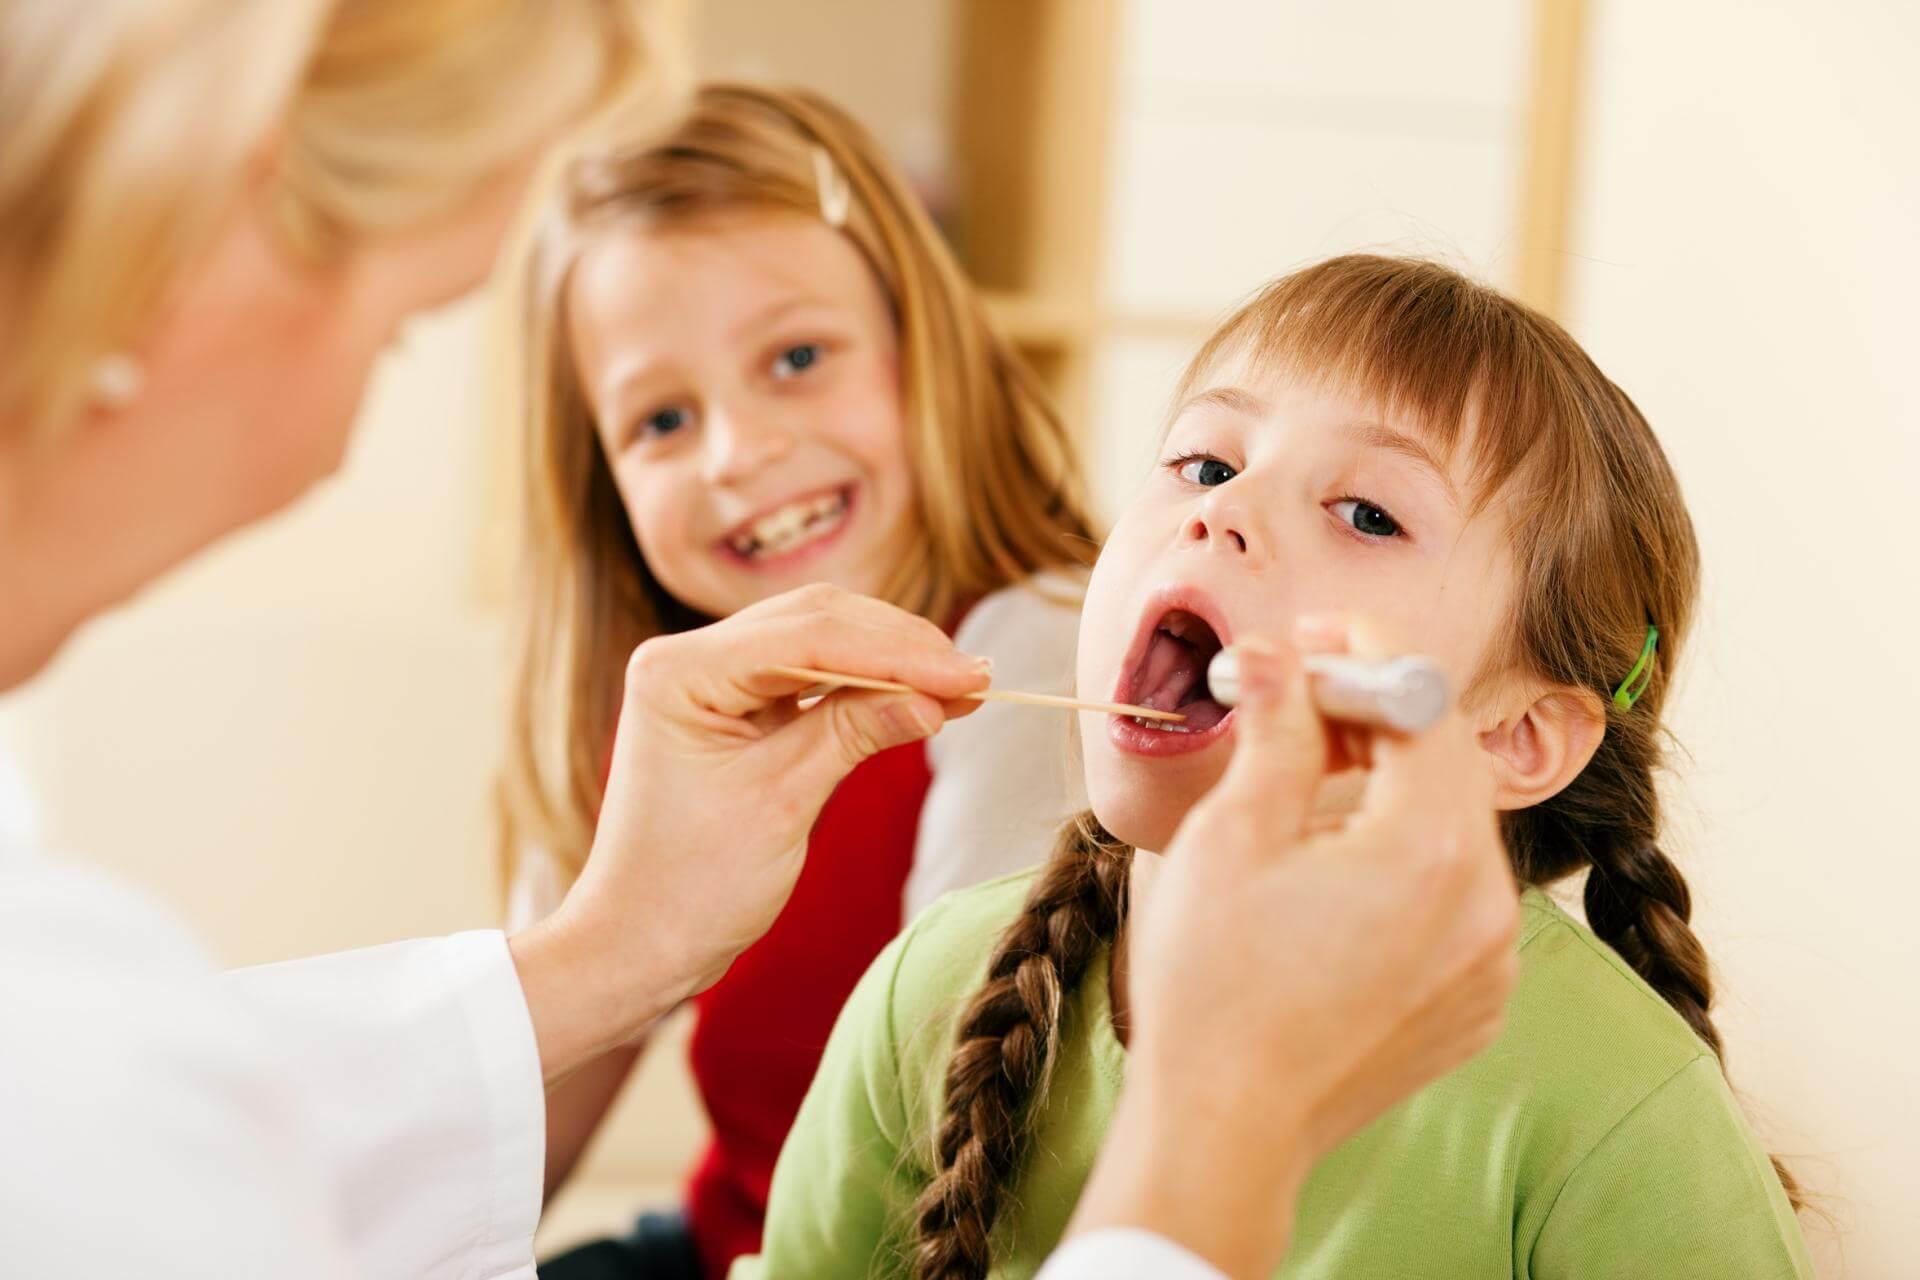 У ребенка осип голос — чем лечить: ингаляции, компрессы, народное и медикаментозное лечение